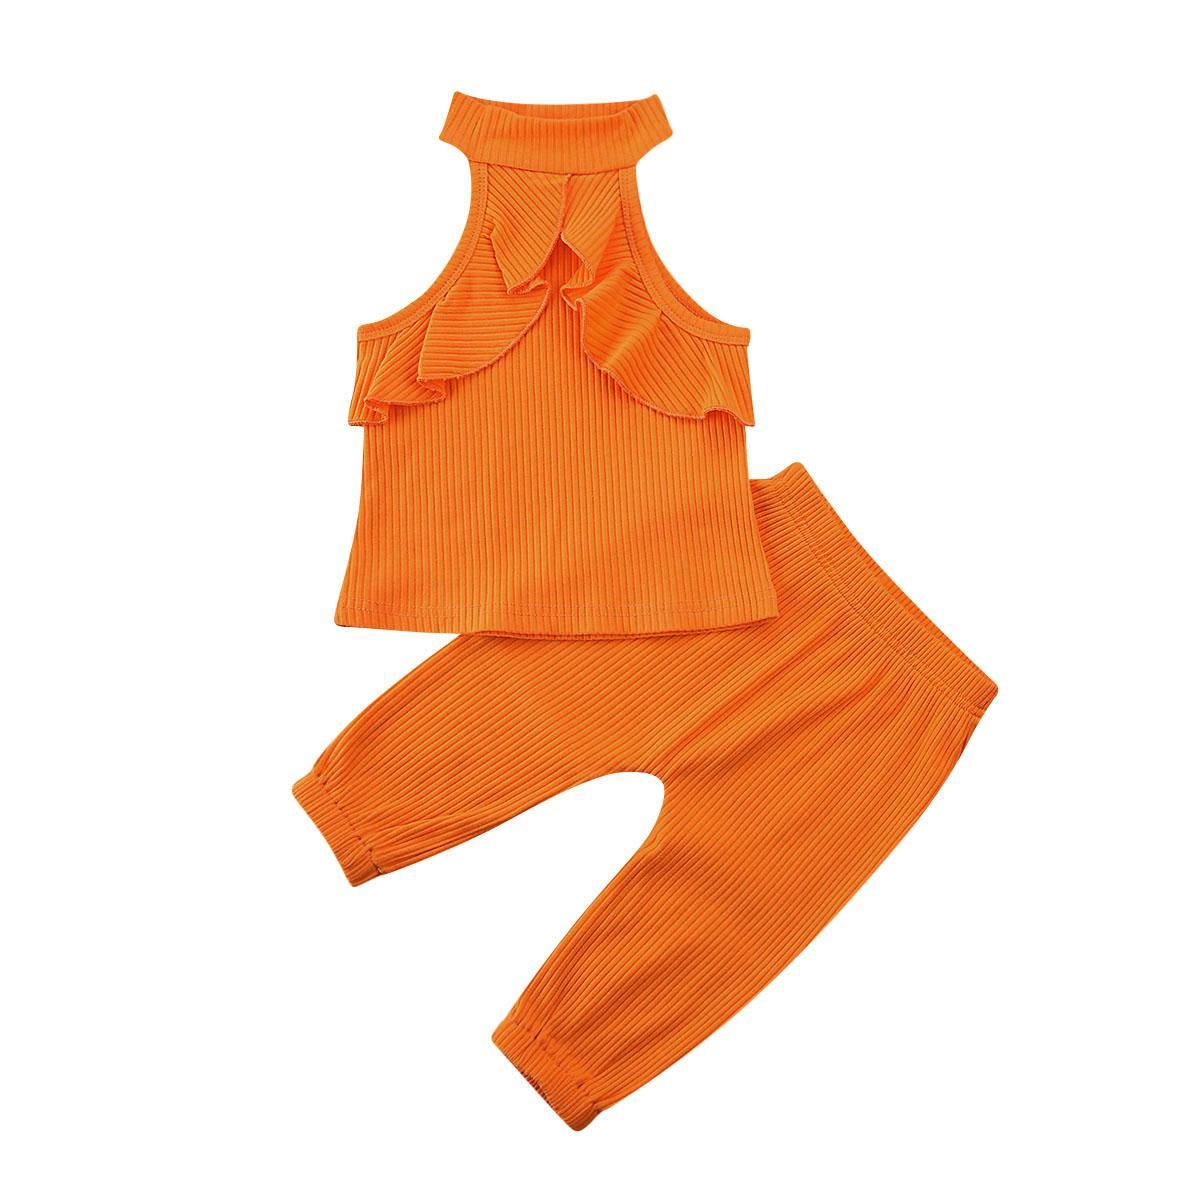 Neue schöne Kleinkind Kid Rüschen Solid ärmellose Tops + lange Hosen Baby Kleidung Sets Outfits 2 stücke Set